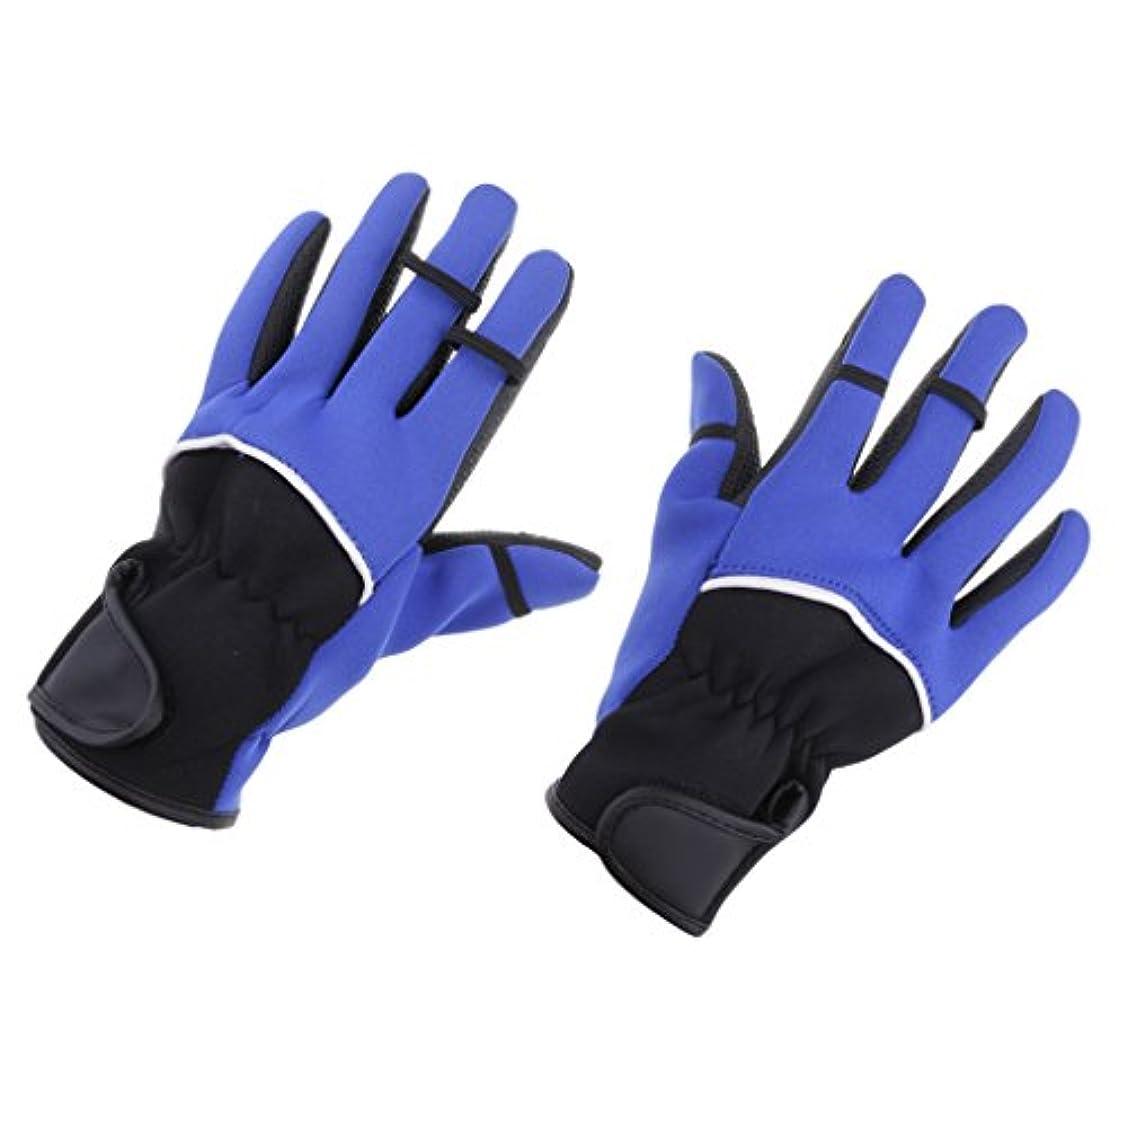 フェミニンシートピアニストBaoblaze 乗馬 自転車 釣り手袋 防寒手袋 グローブ 指3本出す PU粒子 滑り止め 保暖 軽量 吸汗 ブルー